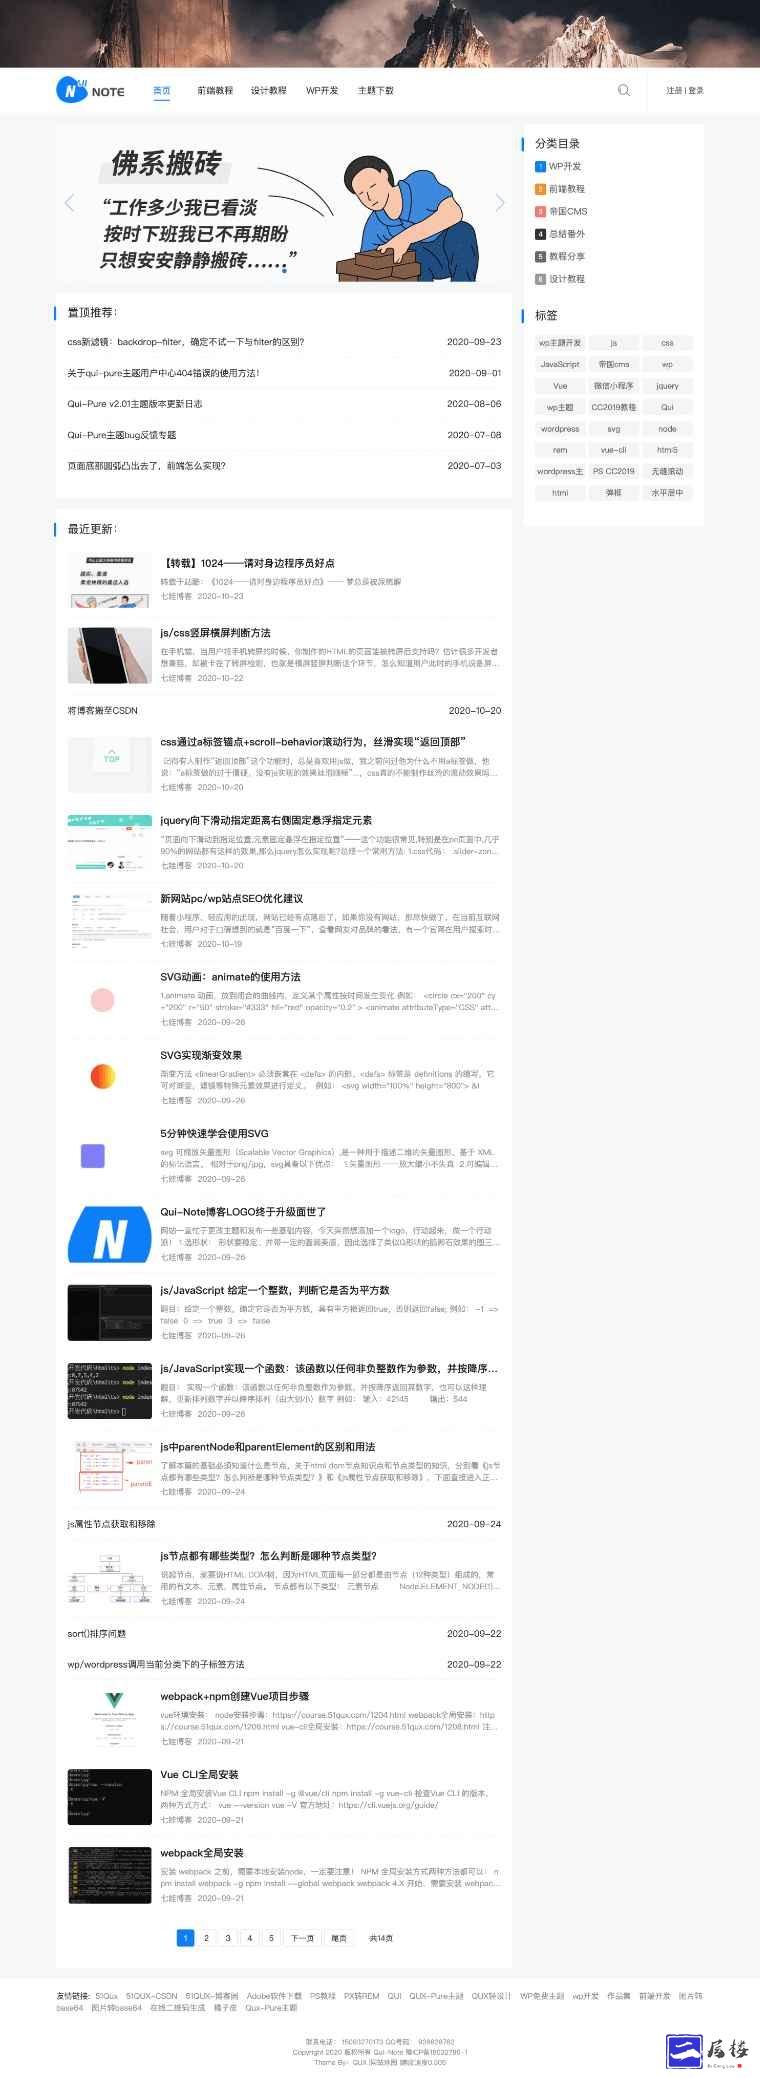 WordPress Qui-Pure博客主题,自媒体模板插图